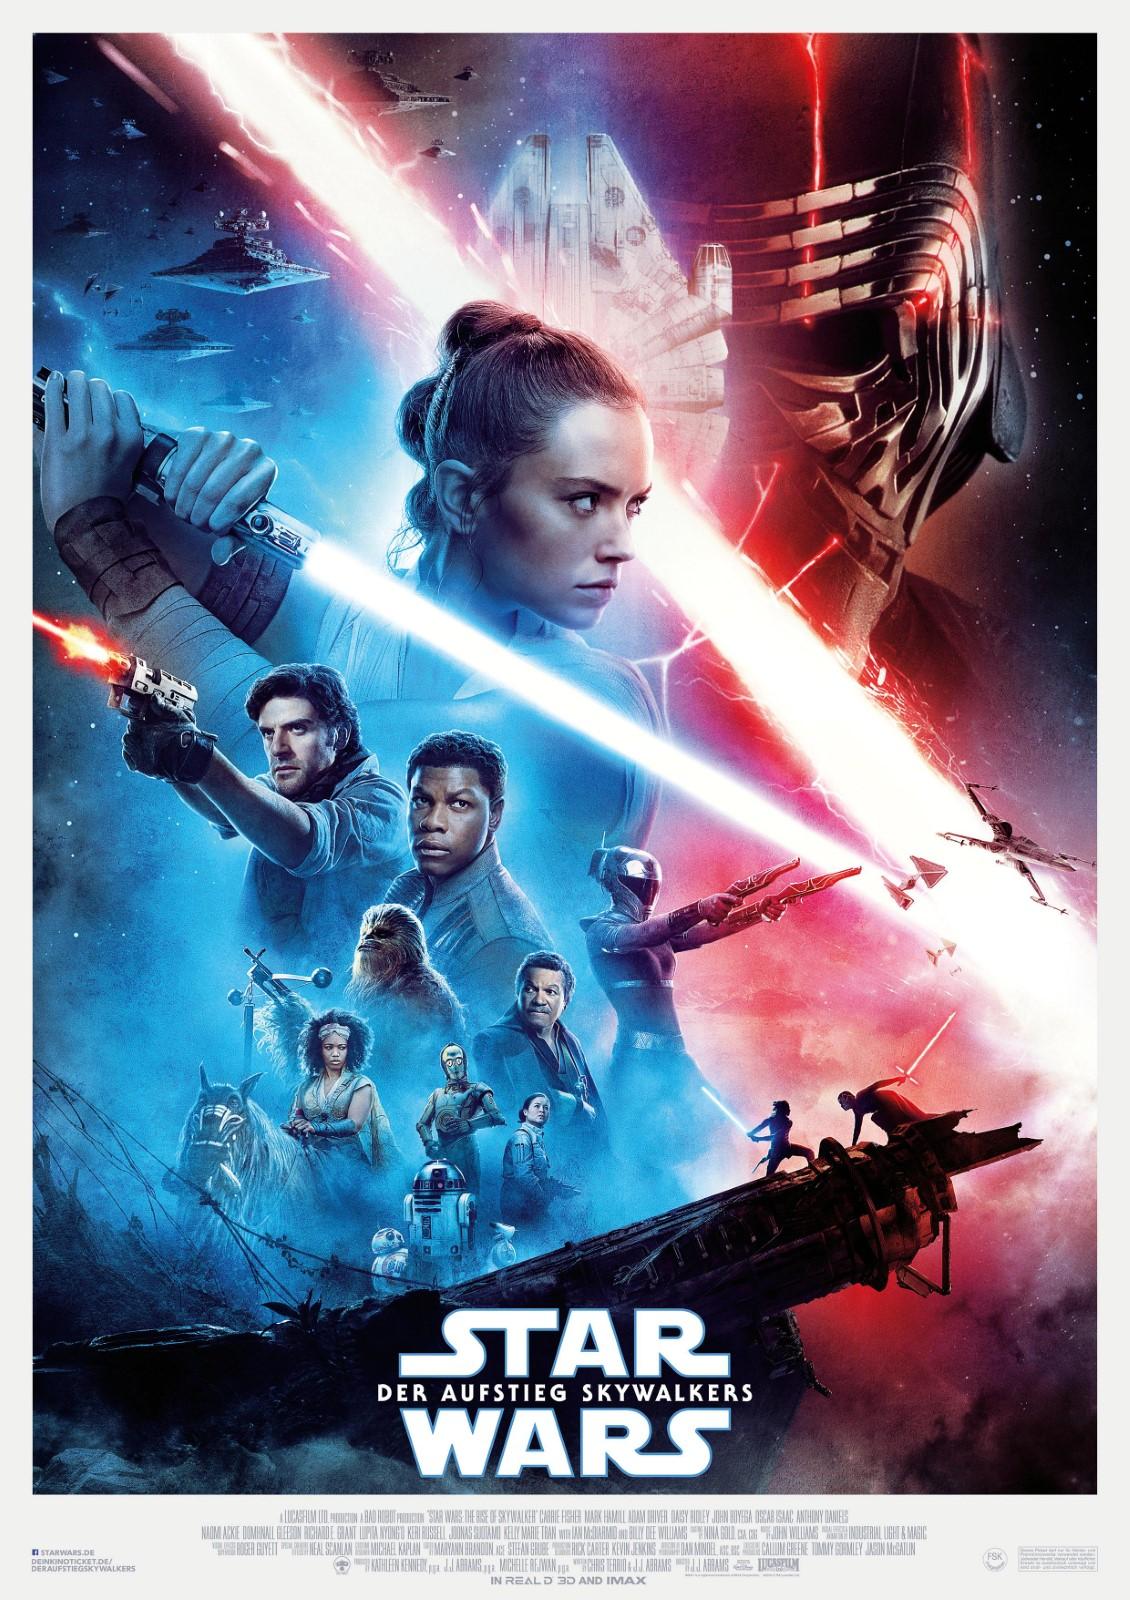 Filme Zu Weihnachten 2019.Star Wars 9 Der Aufstieg Skywalkers Film 2019 Filmstarts De